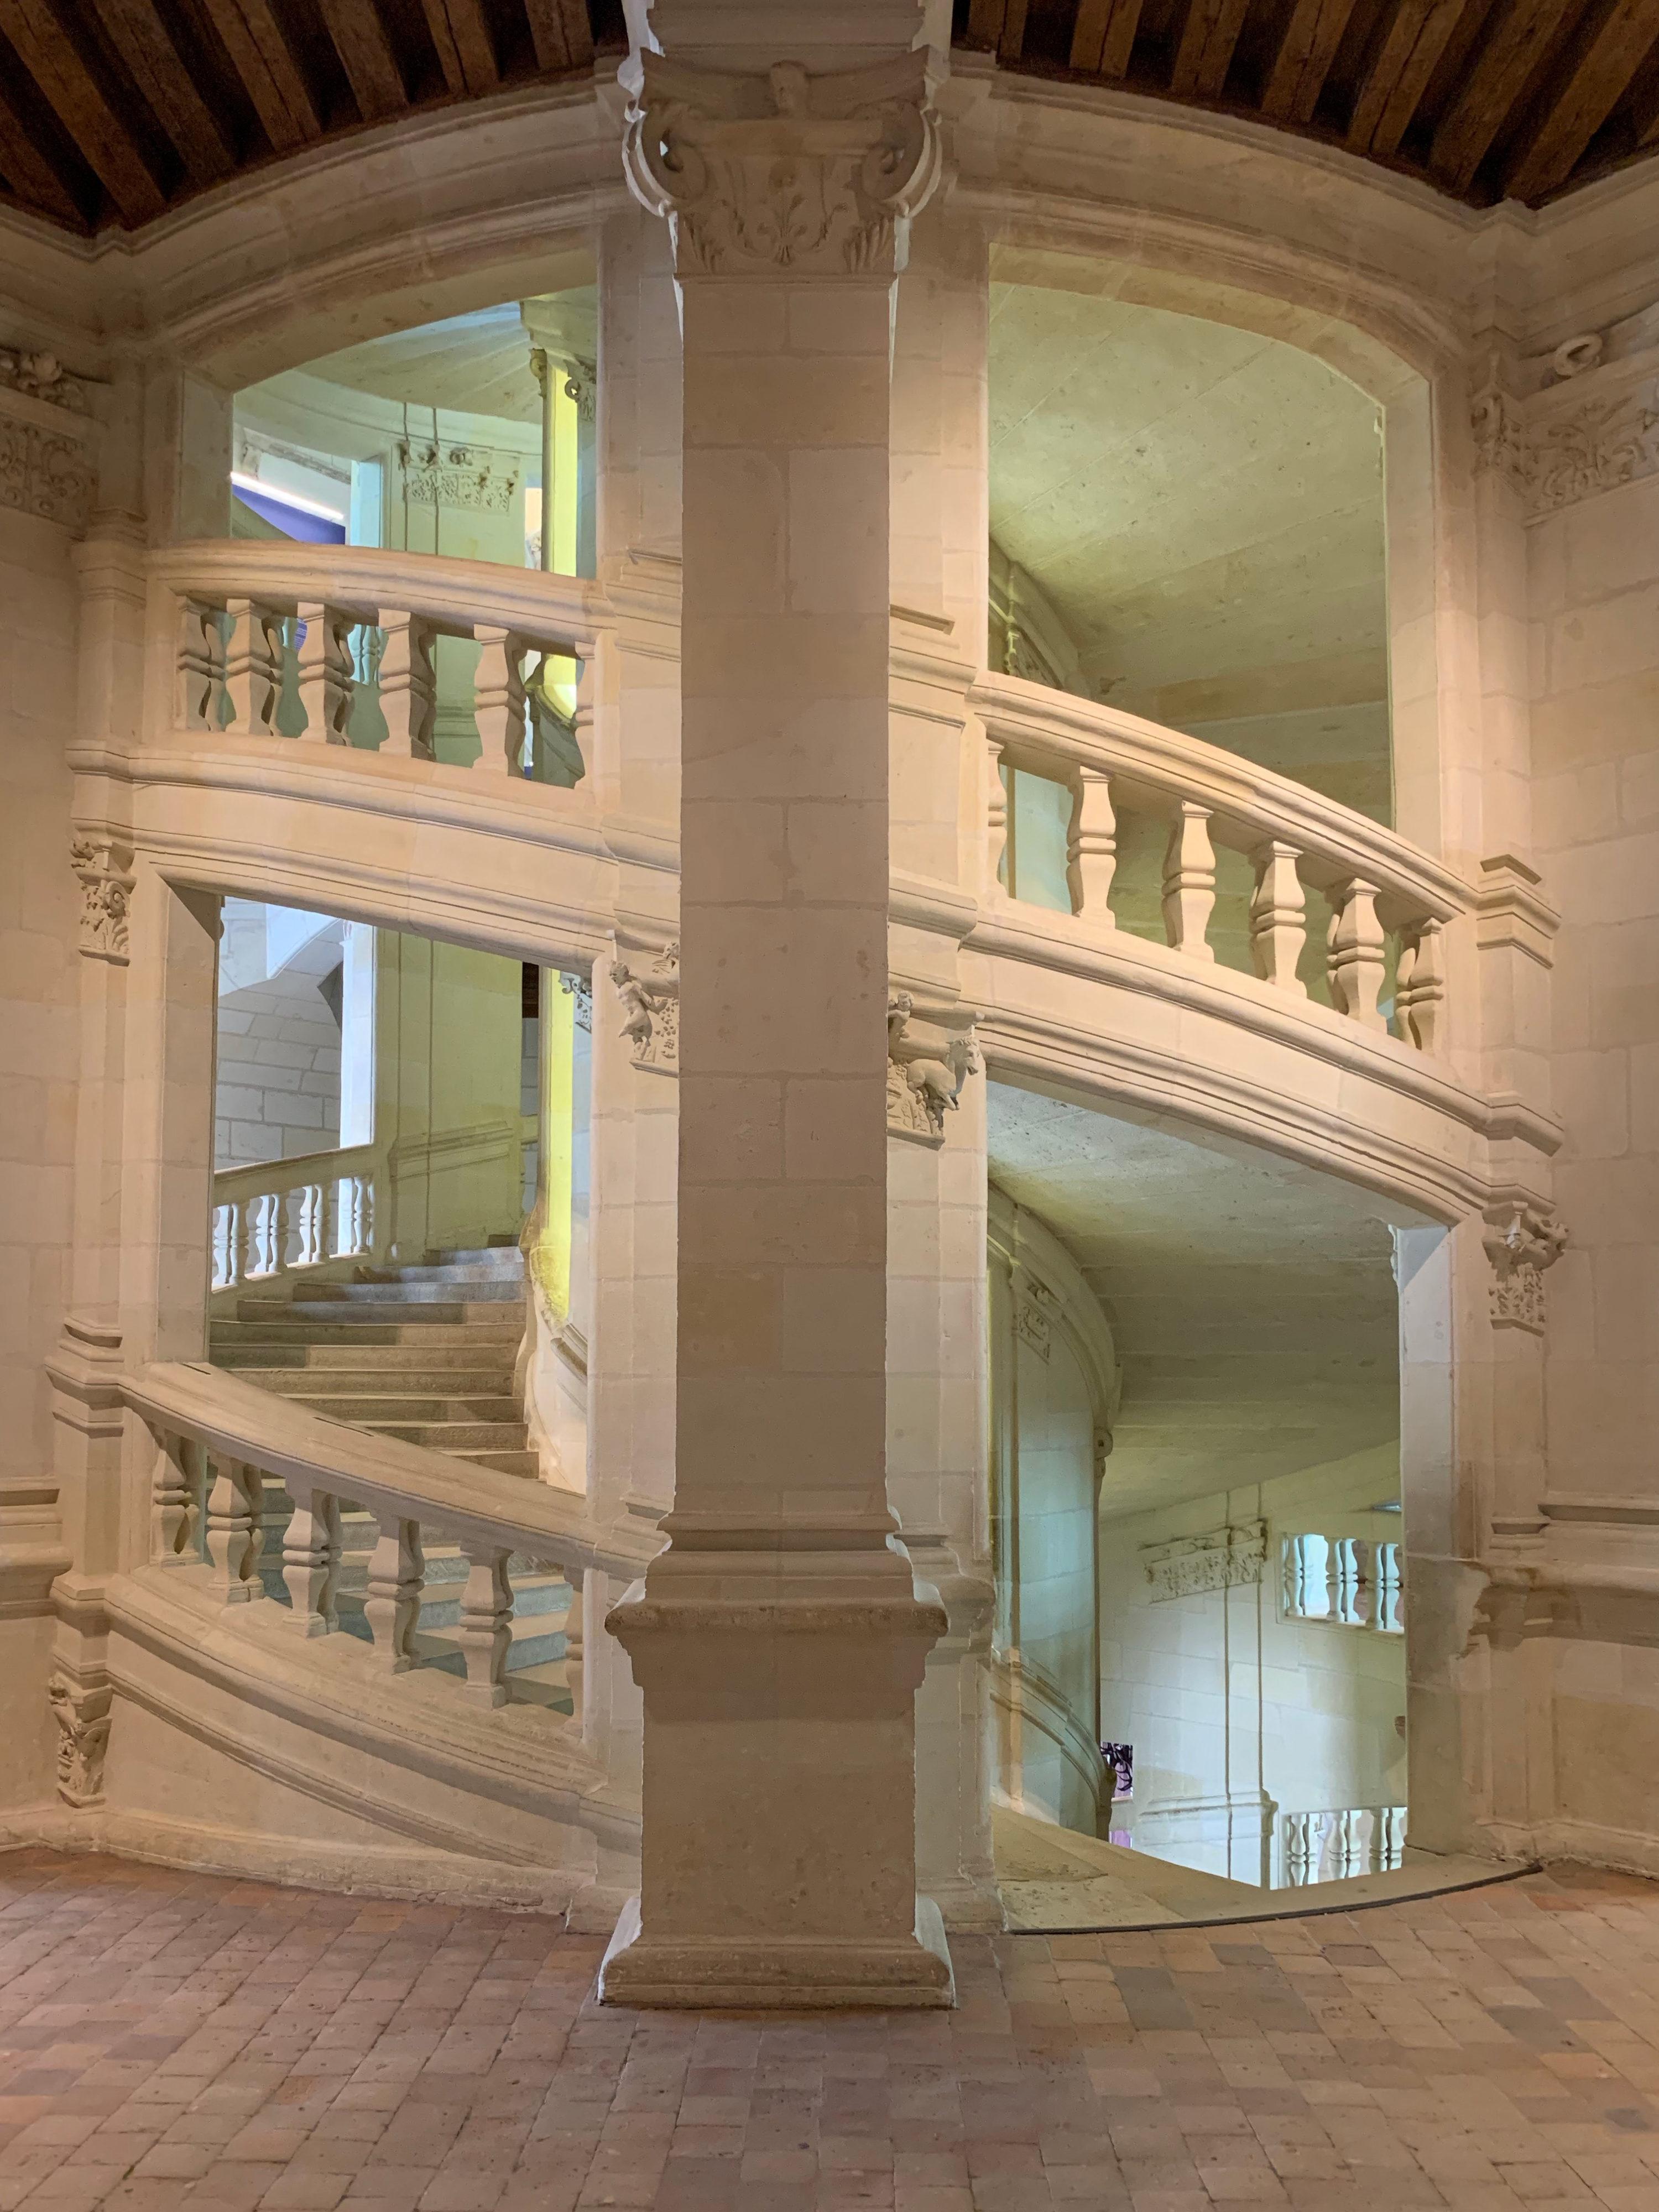 Chambord, das weltweit einmalige Schloss doppelläufige Wendeltreppe